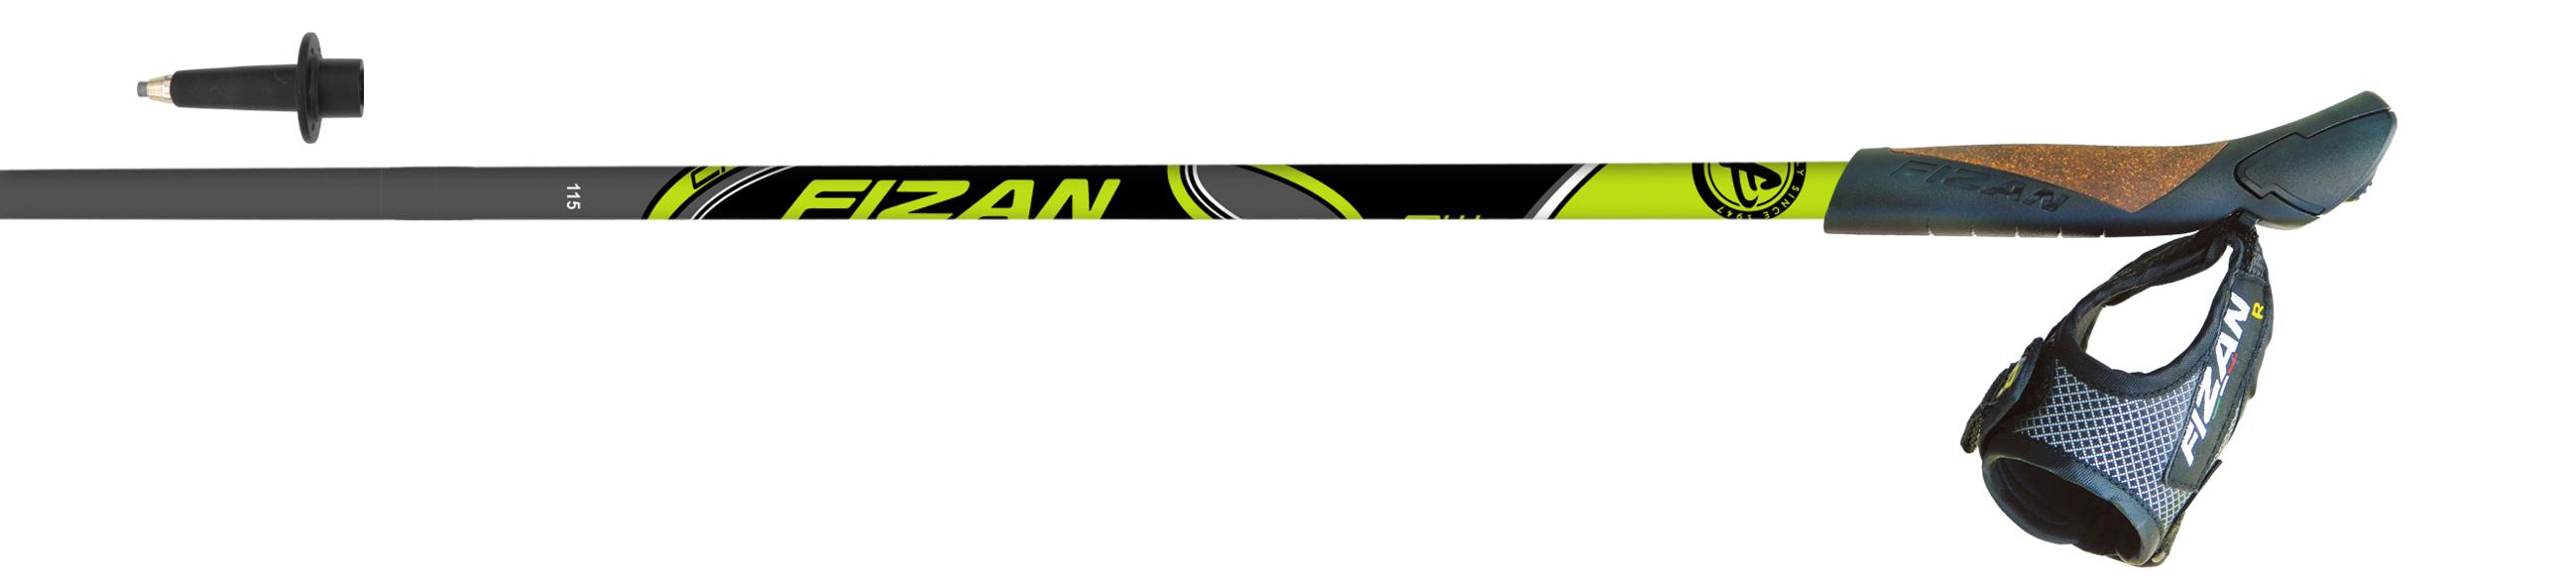 FIZAN NW Runner gr - 100cm